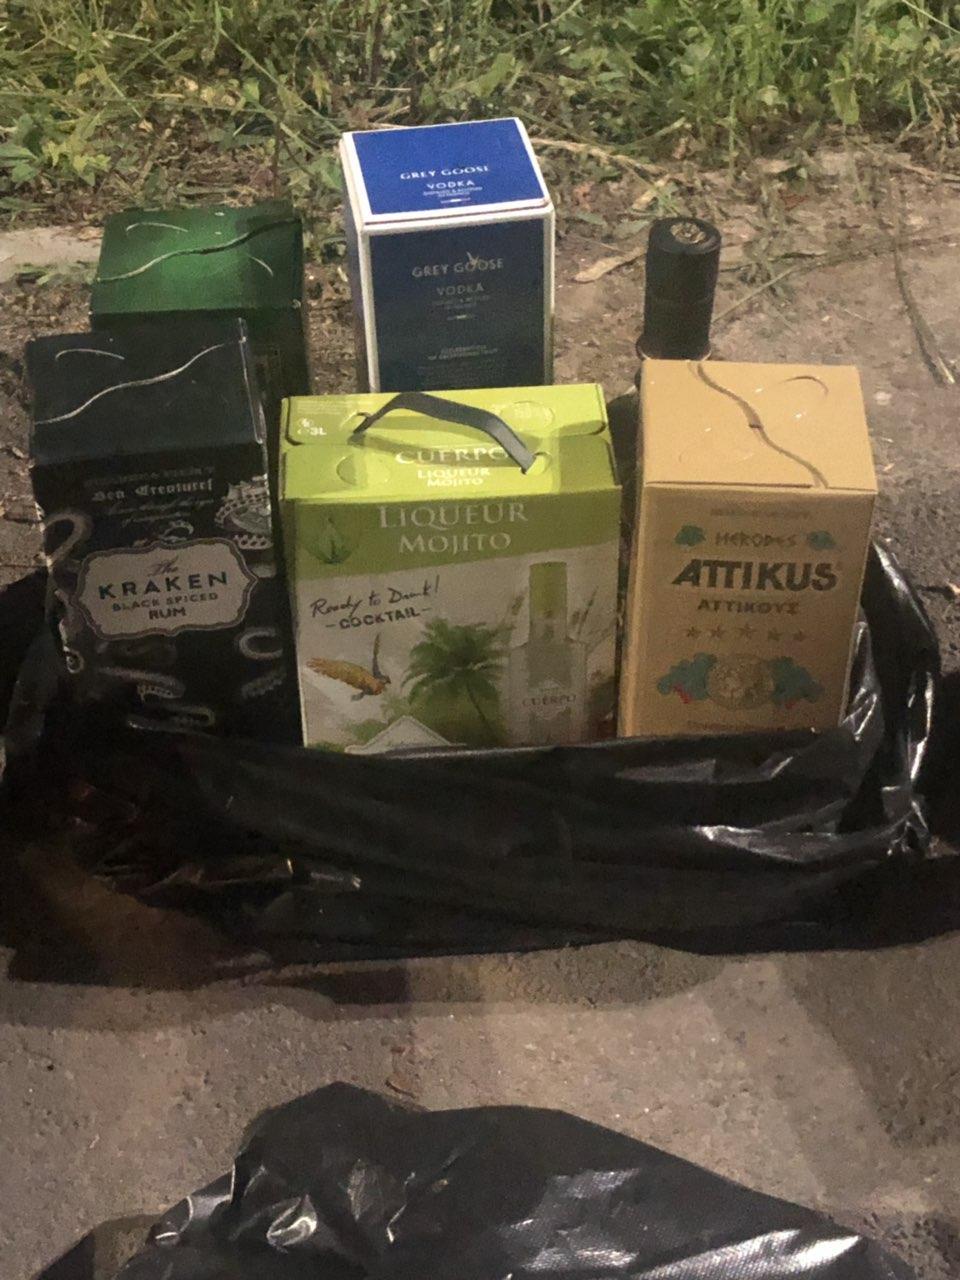 На Вінниччині в поштовому автомобілі виявили фальсифікований алкоголь на мільйон гривень (Фото)